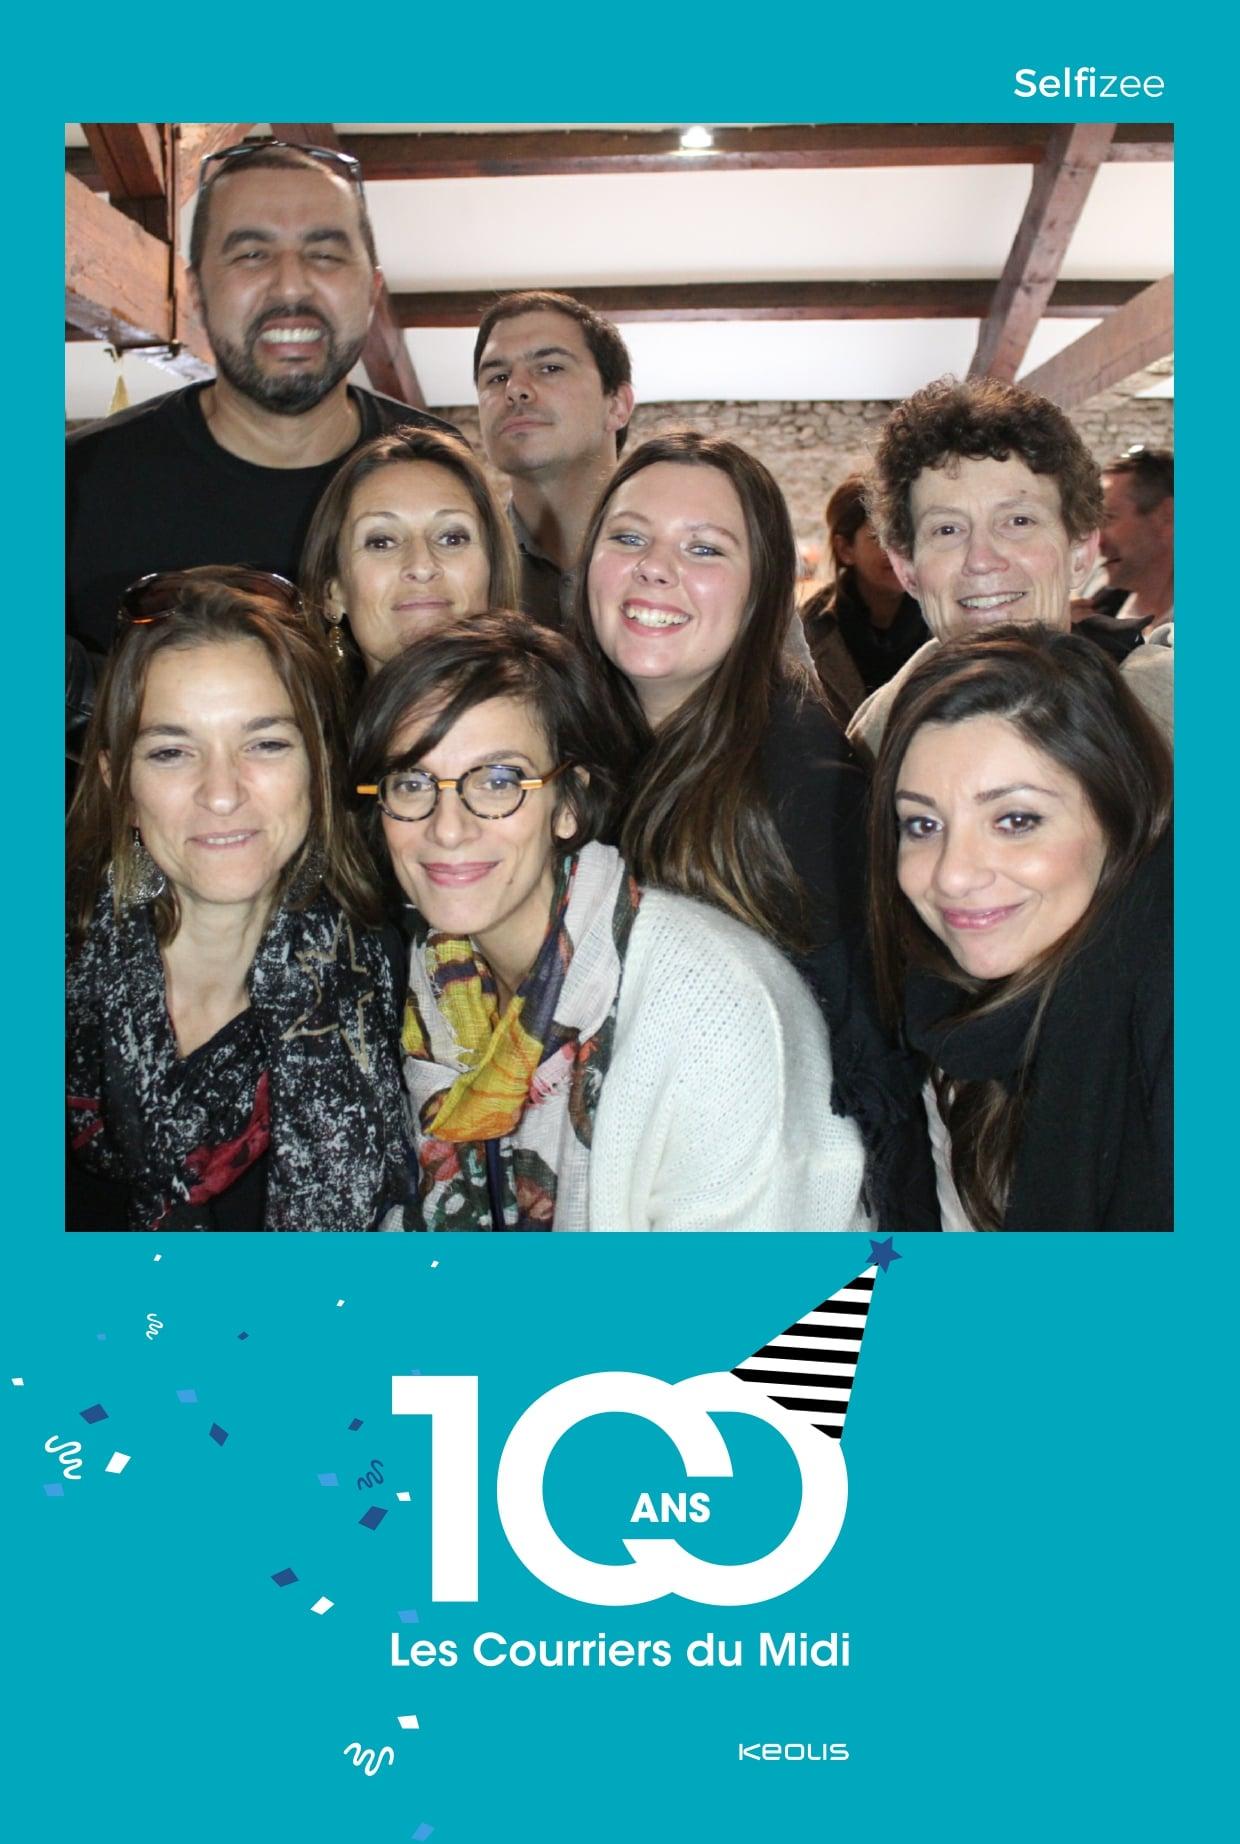 Animation borne photo fête anniversaire Courriers du Midi à Montpellier avec selfie box personnalisée et impressions photos